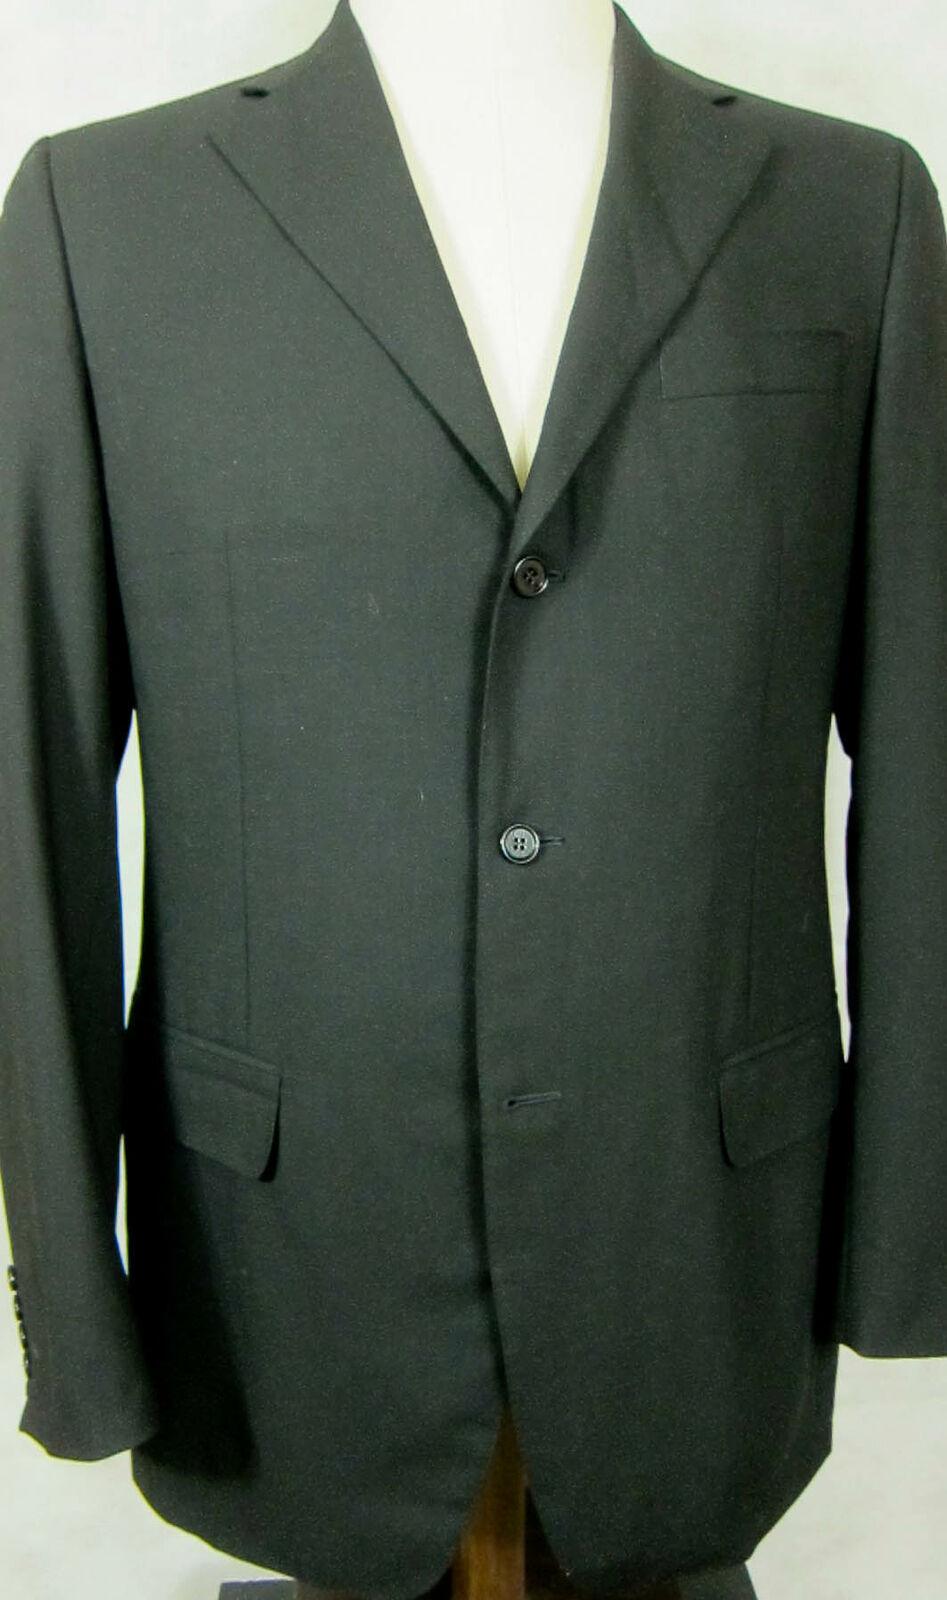 Magnifique Canali black Uni Léger Laine Sport Blazer Manteau Veste de Costume 40l